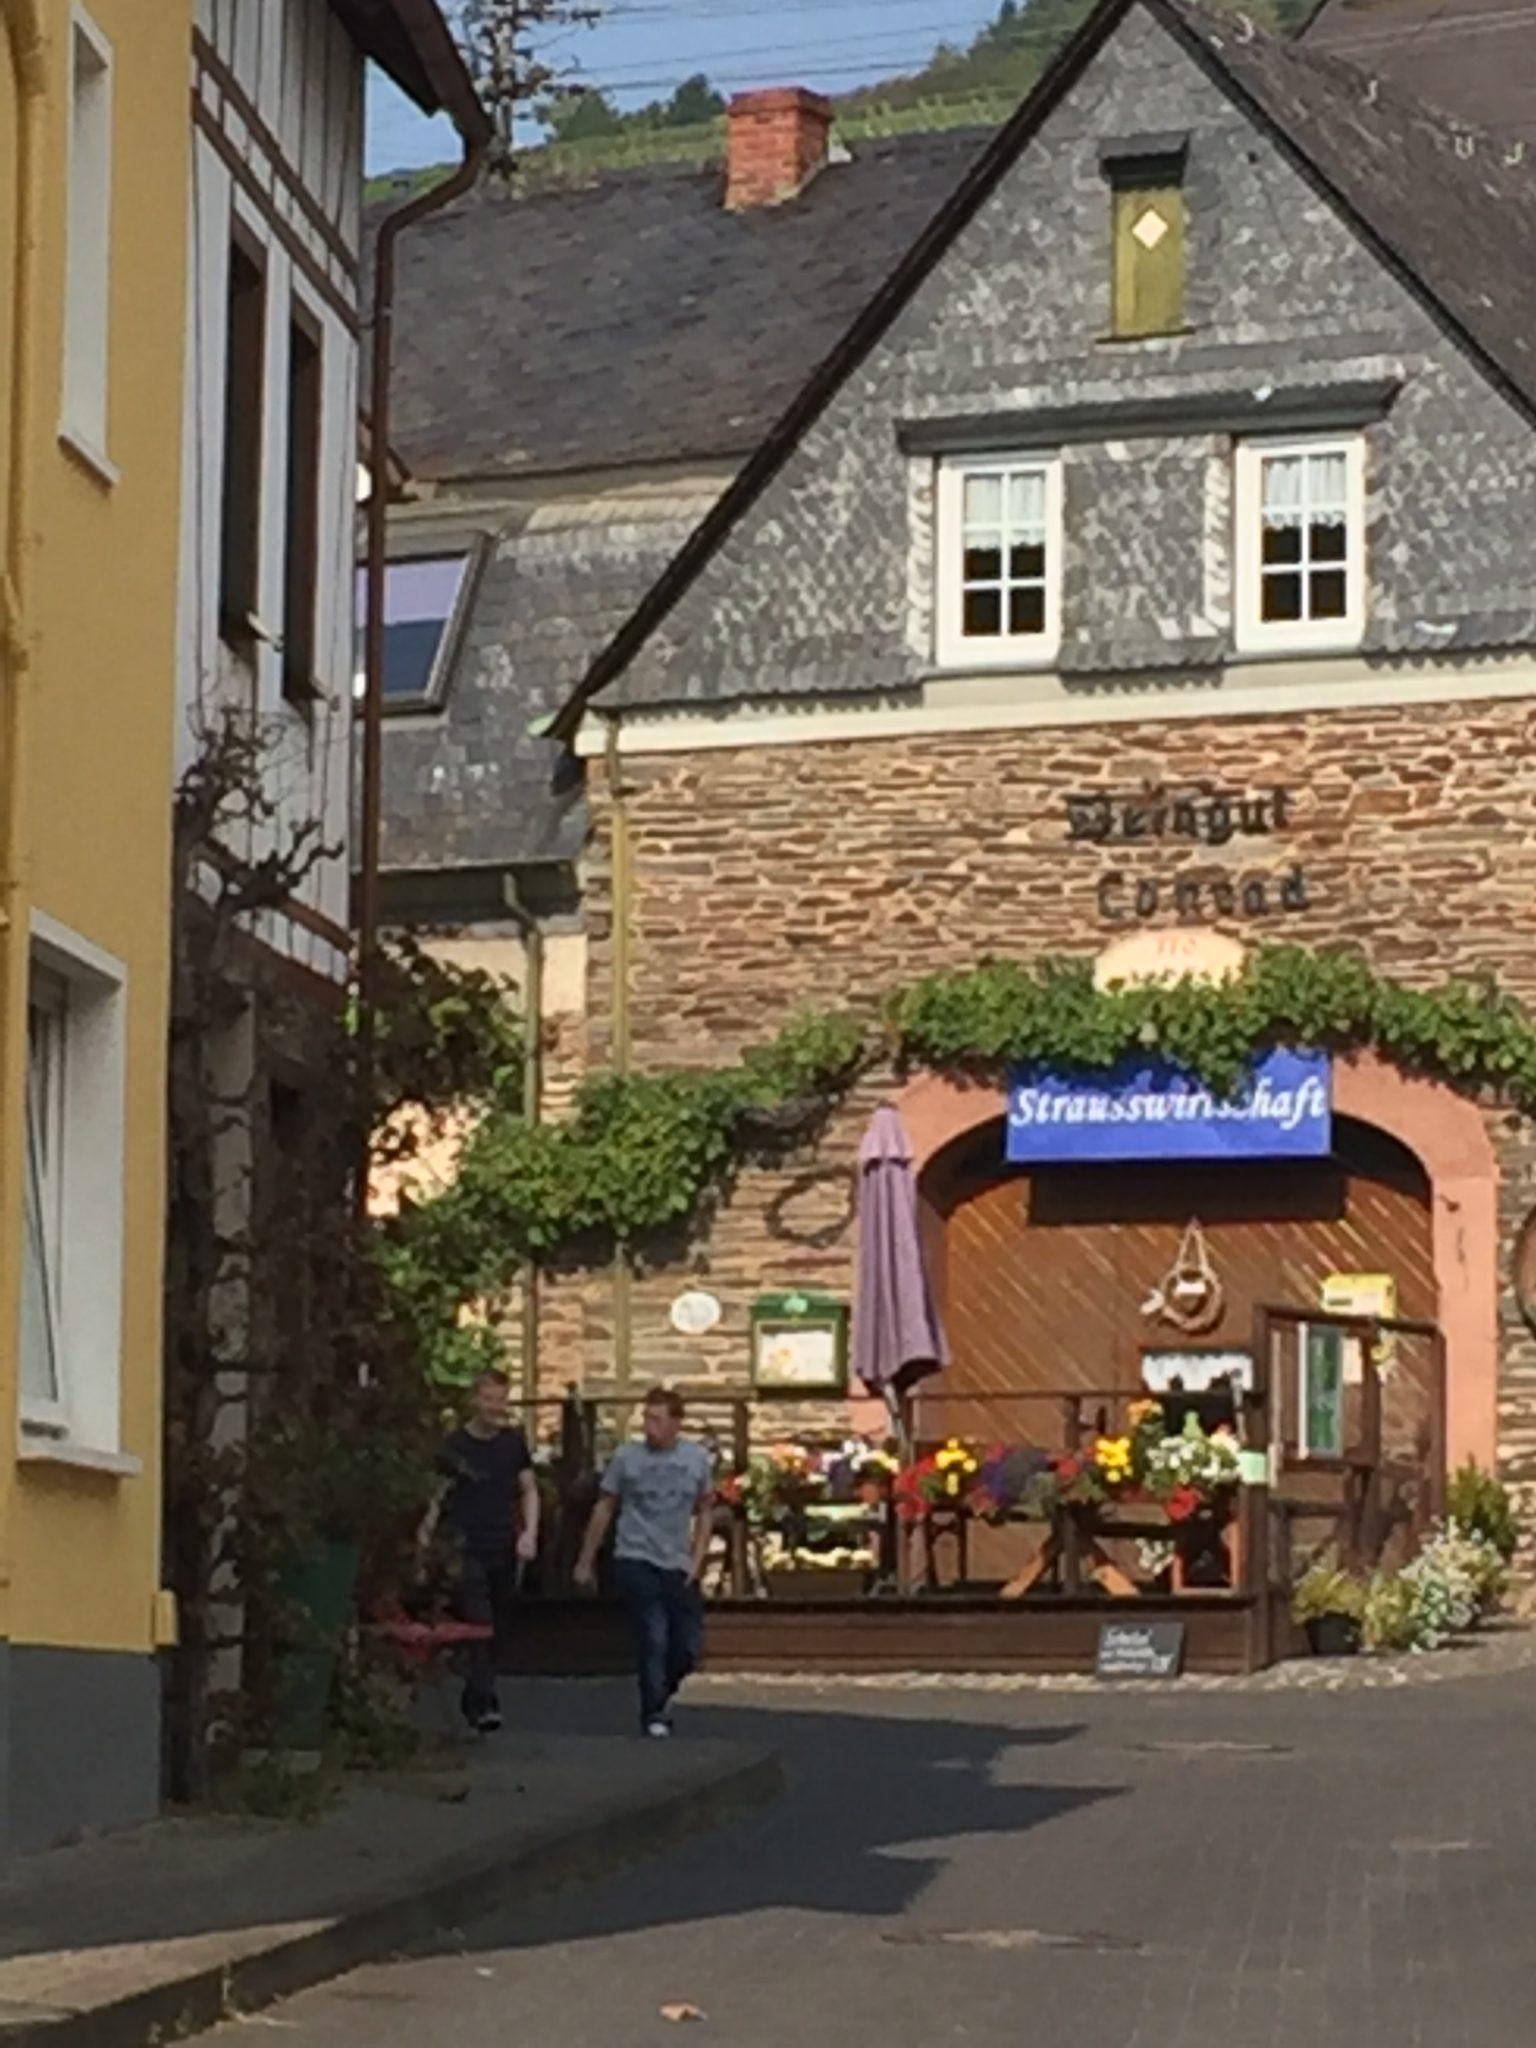 Straußenwirtschaft in Enkirch am Mosel-Camino